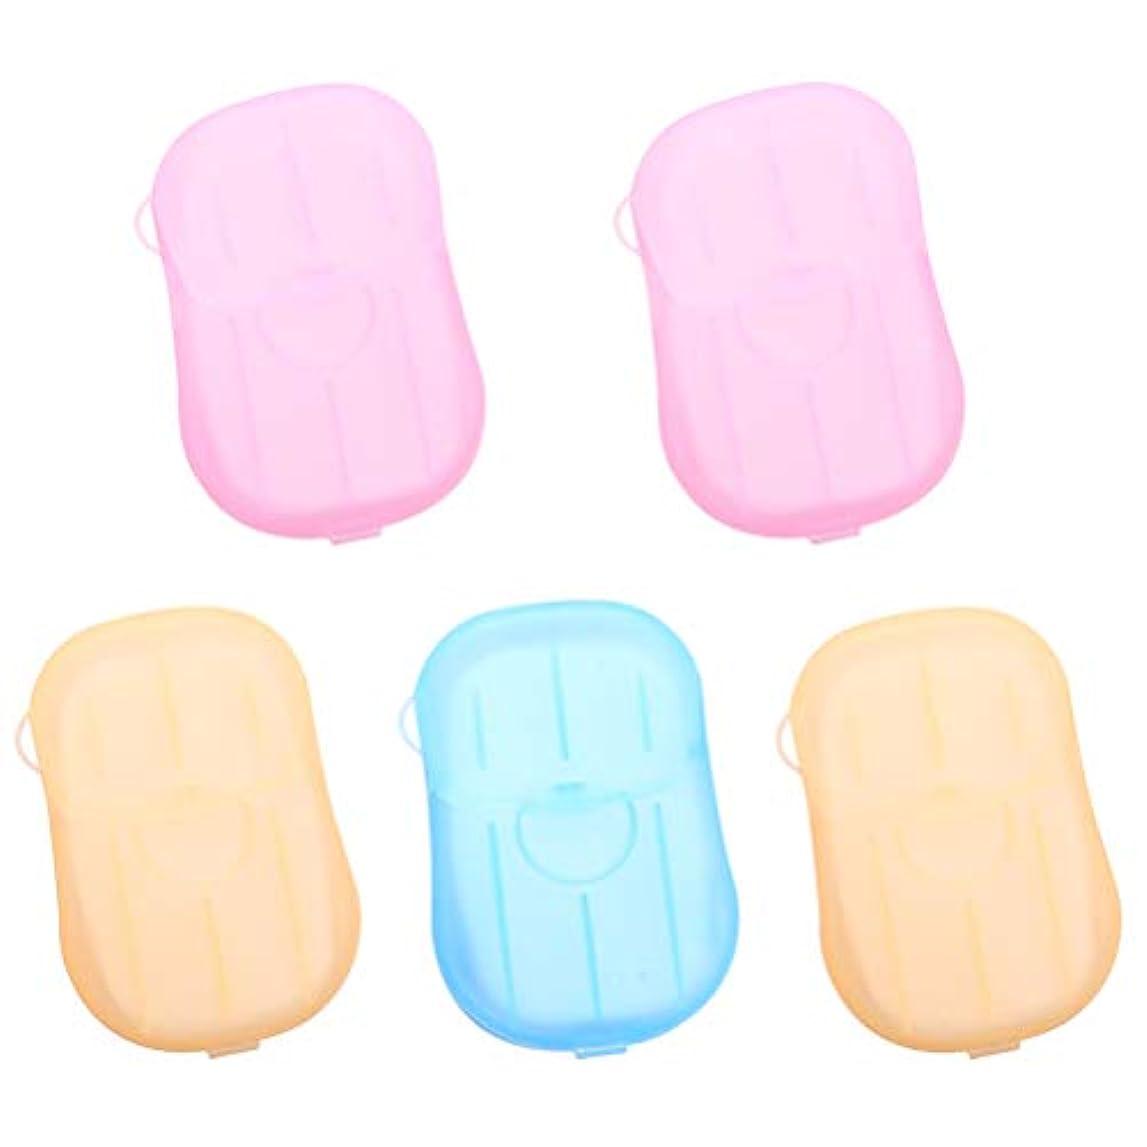 オッズ真面目な繰り返すHealifty 5pcs乾燥石鹸は、発泡ボックスの紙の石鹸のフレークを洗うハンドバス石鹸のスライドシート